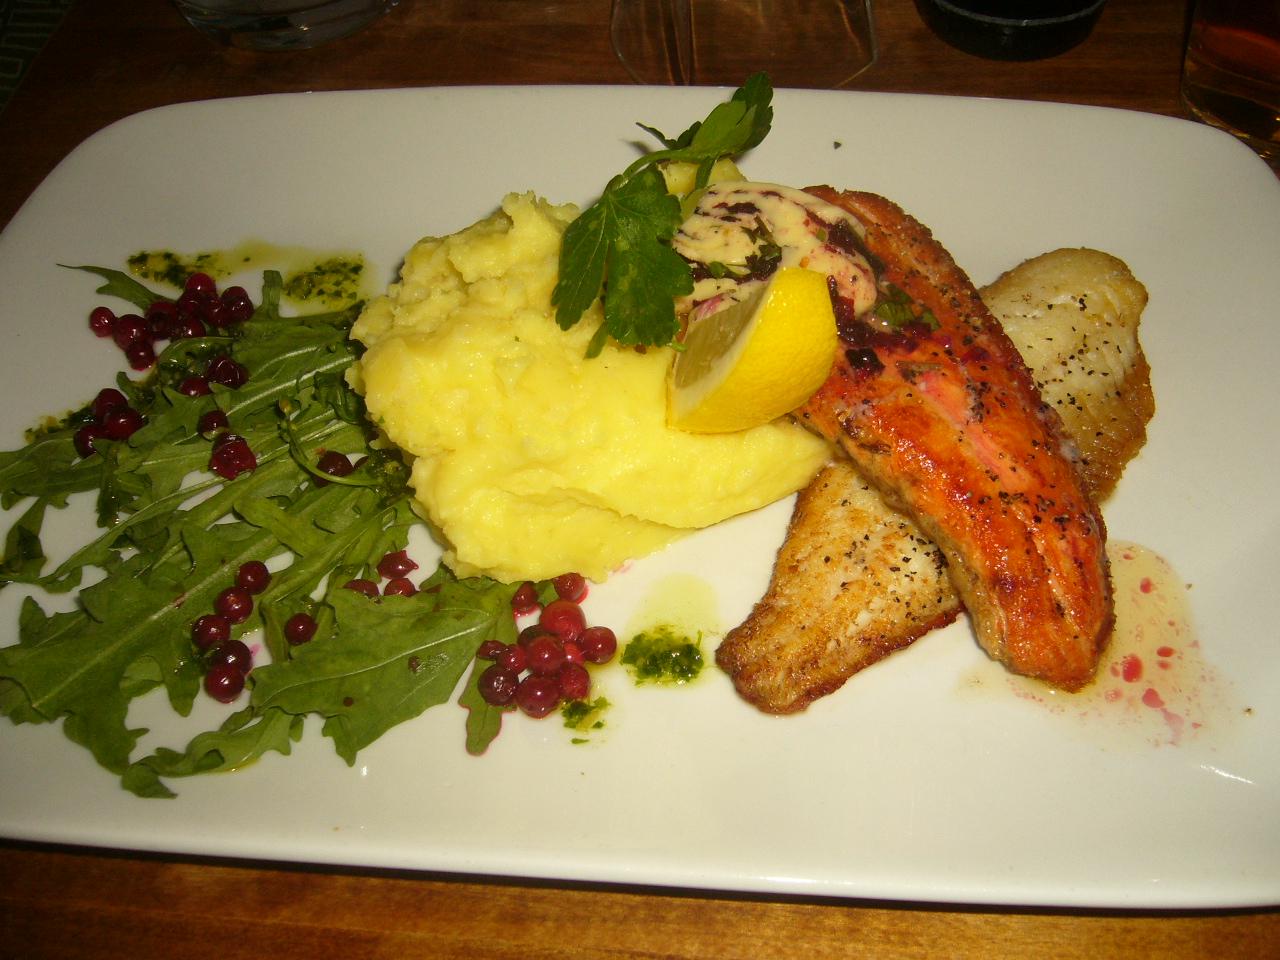 Ravintola blanko, Turku: paistettua lohta ja kuhaa